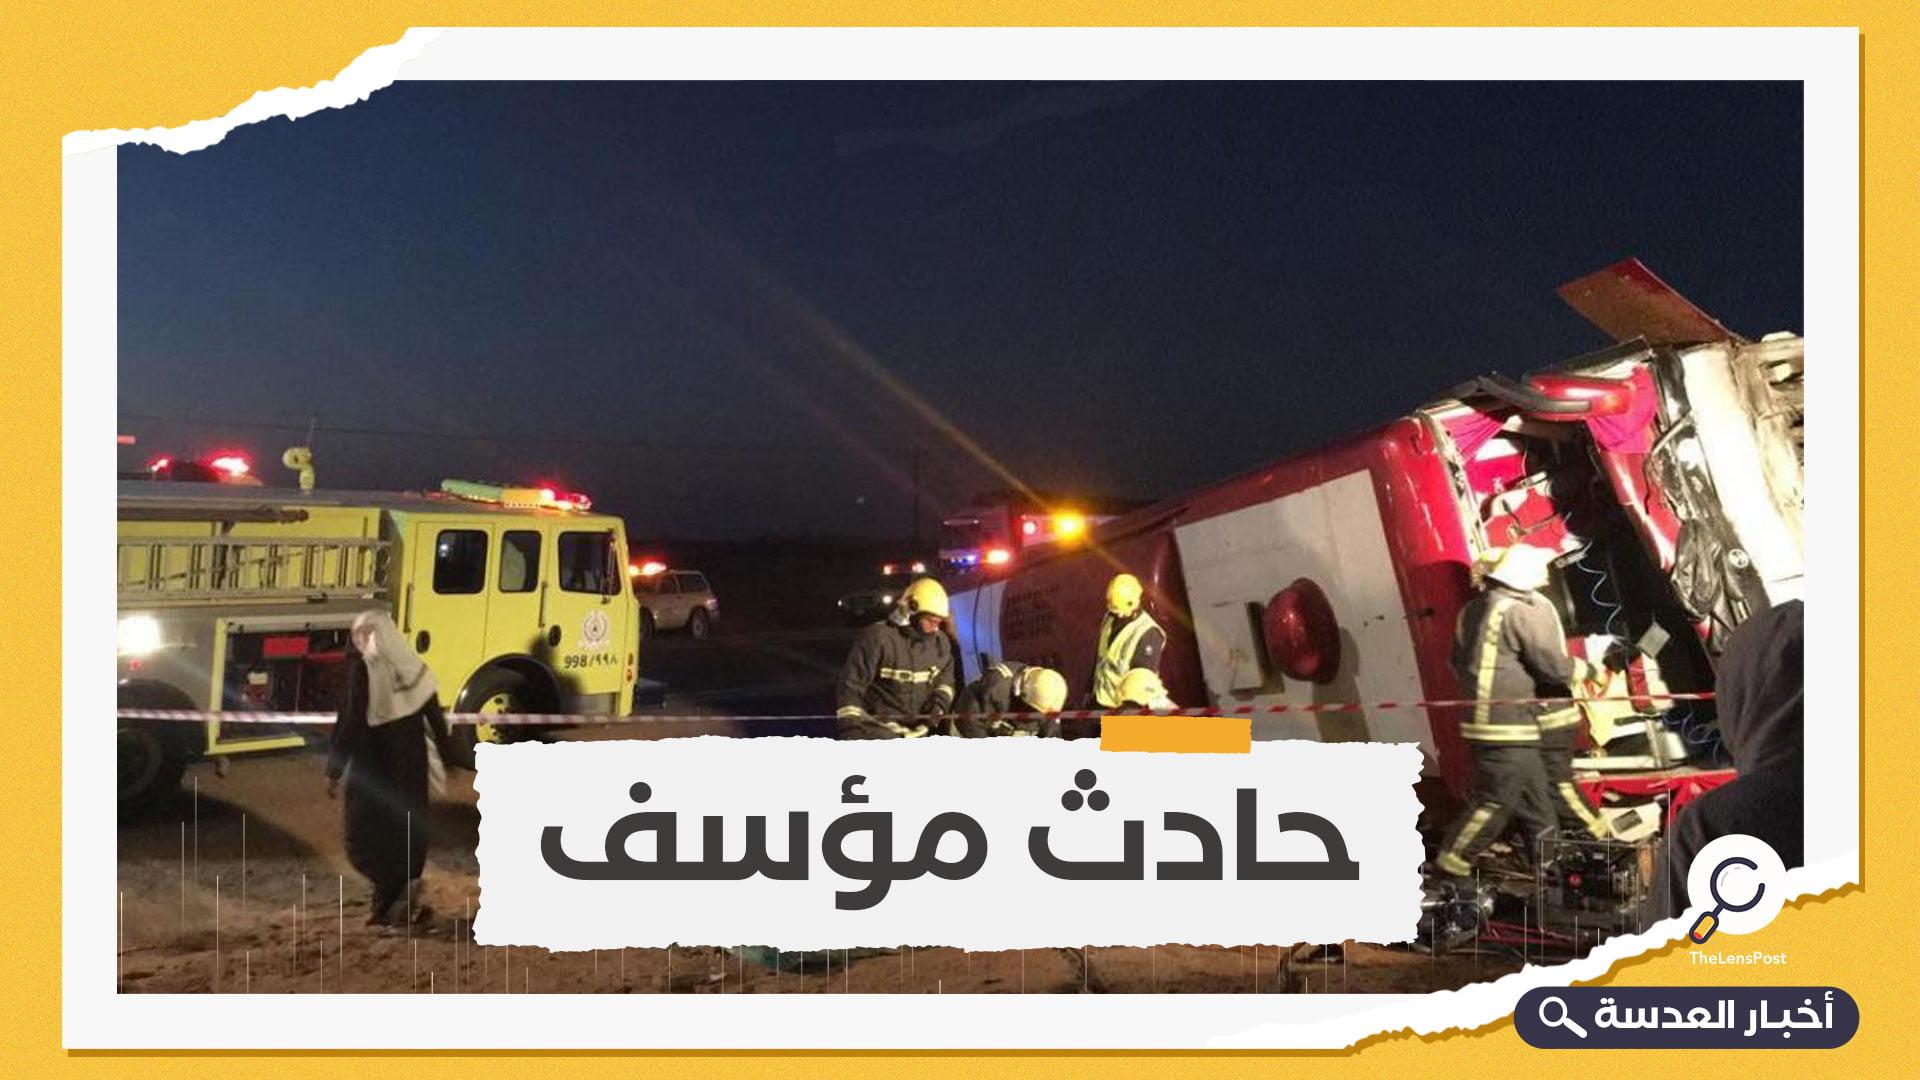 بينهم 16 مصريا.. مصرع وإصابة 33 شخصا في حادثة بالسعودية أثناء توجههم لأداء العمرة